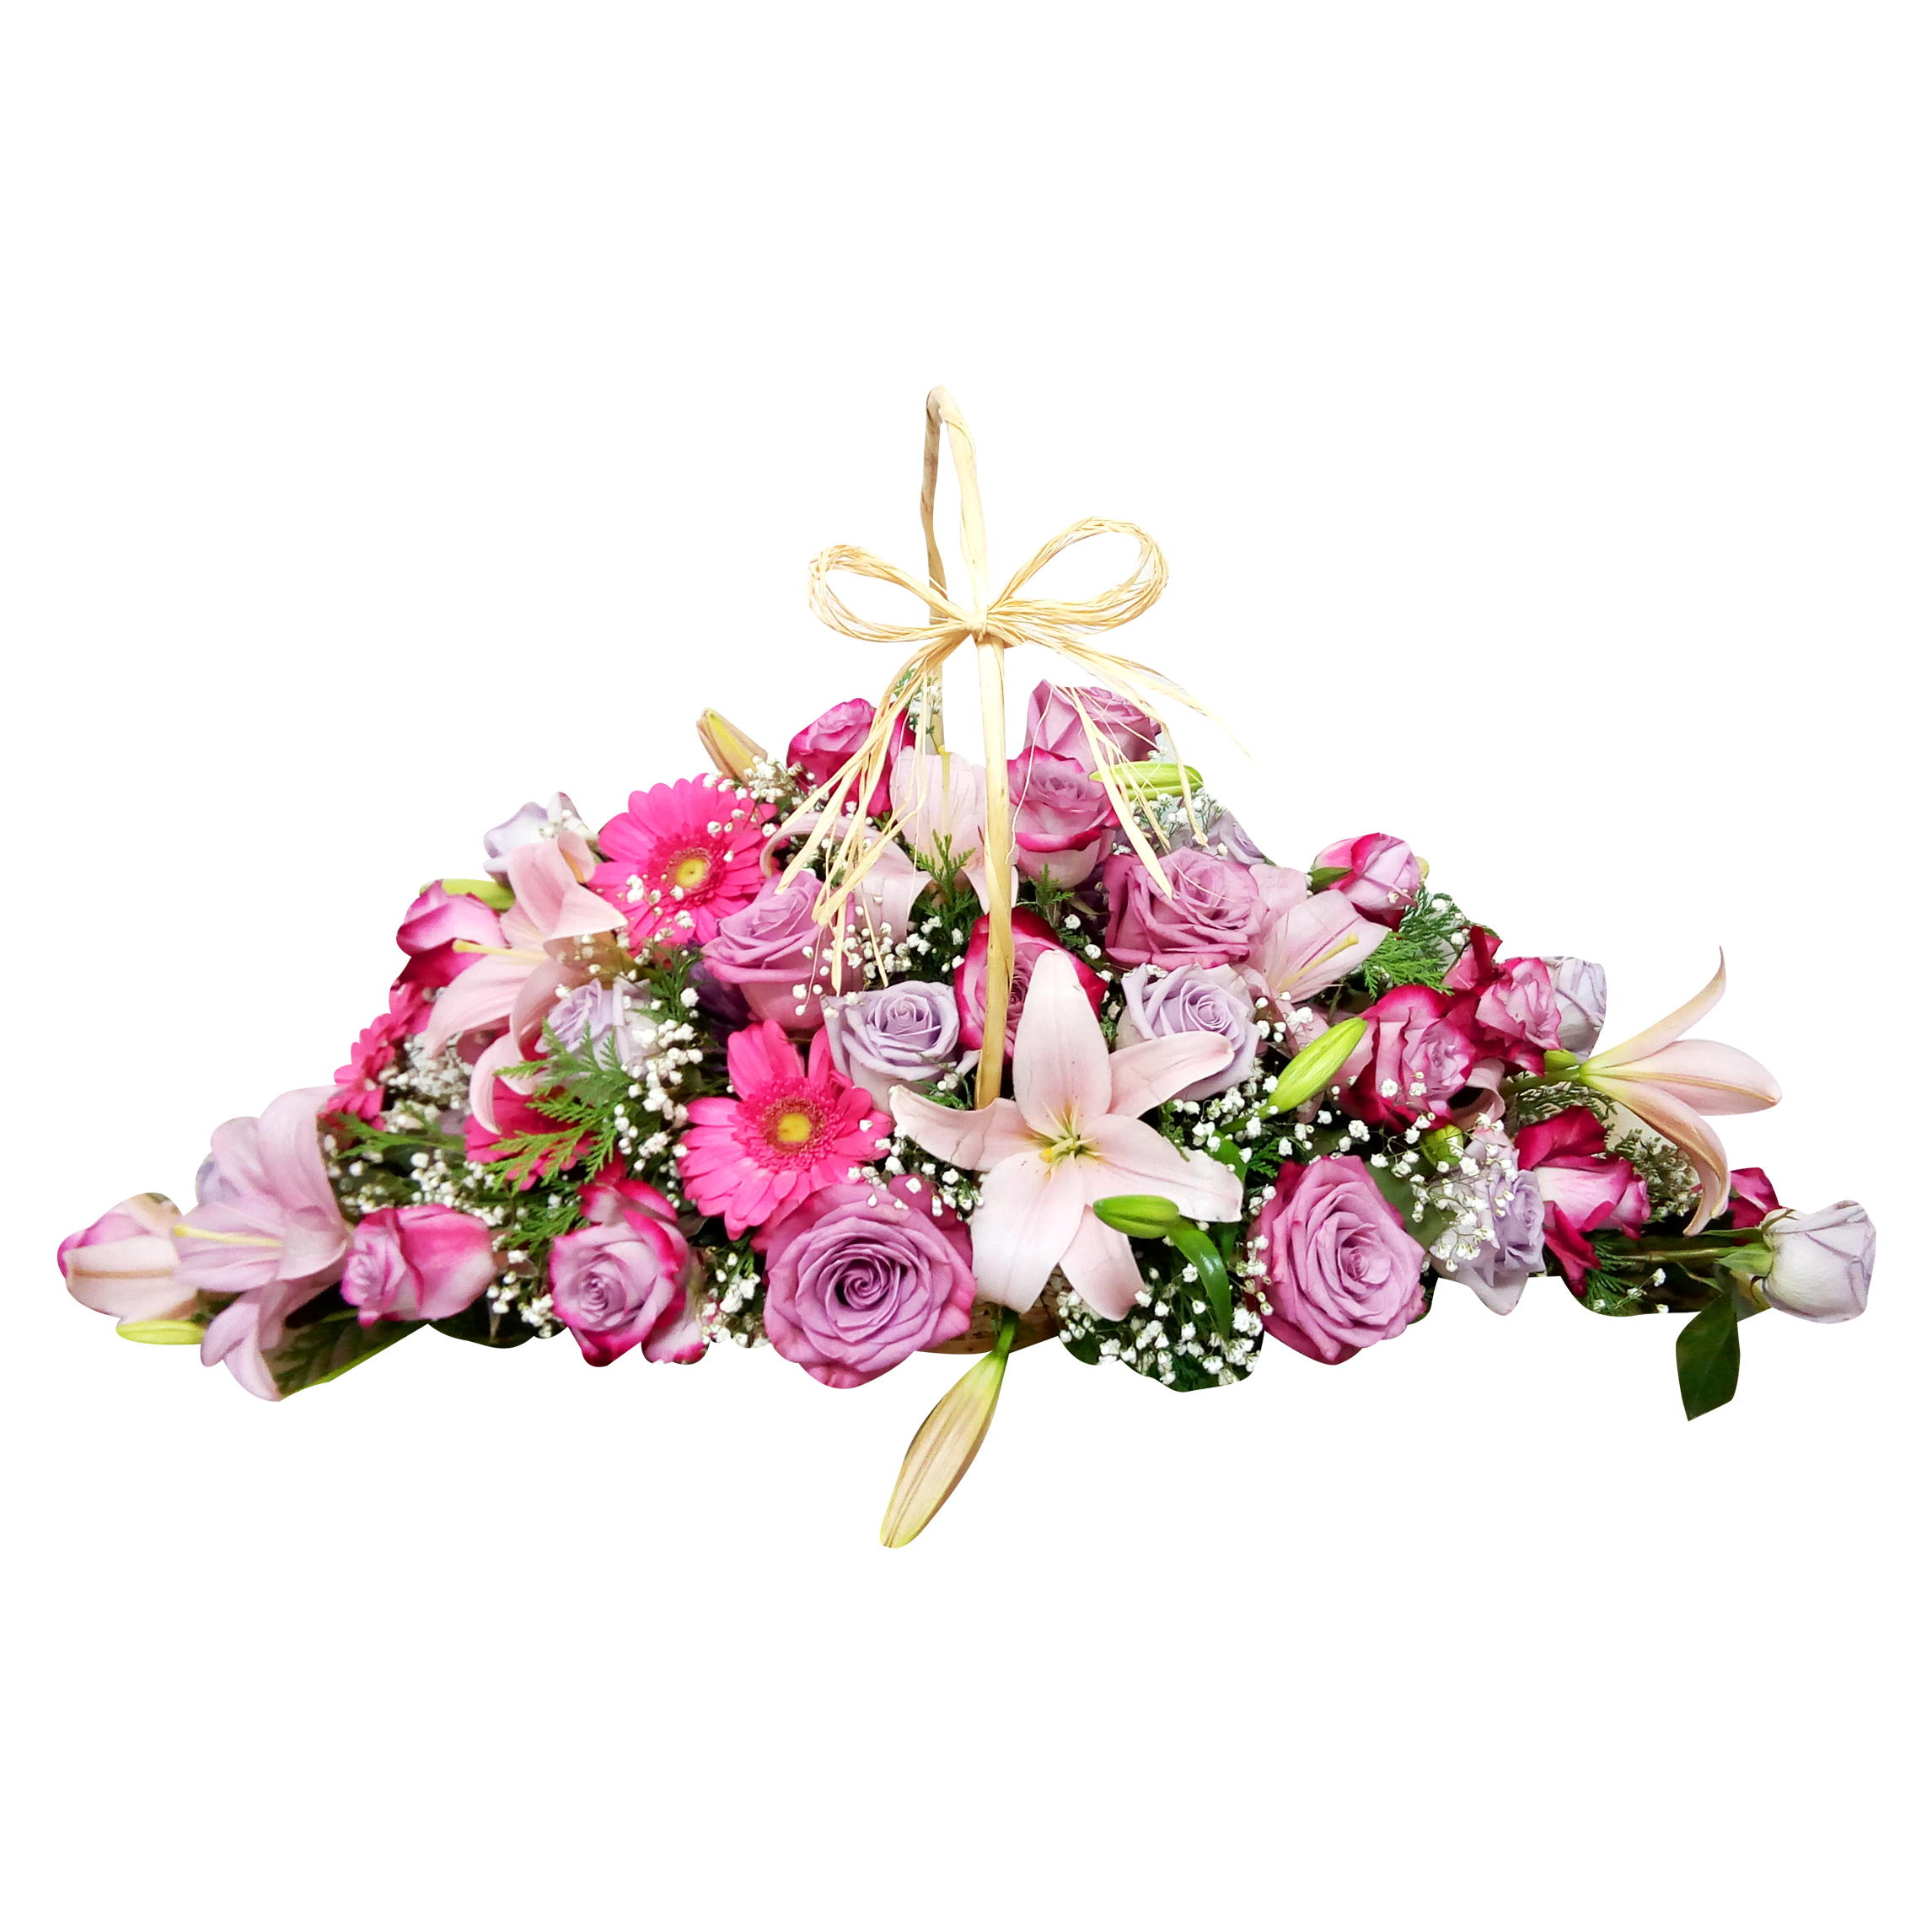 Violetera con Rosas, Lilium y Gerberas